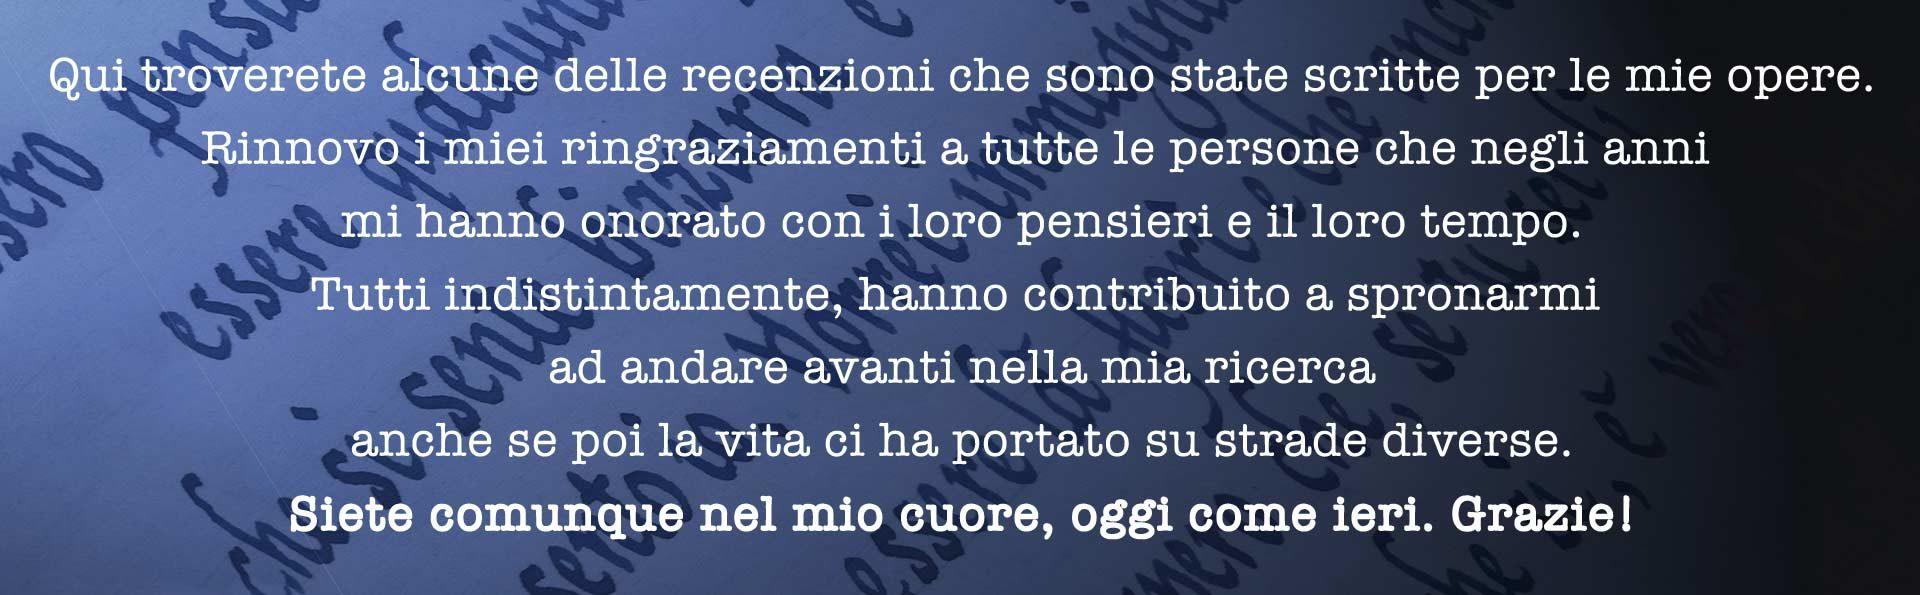 Deianira • Anna Ornella Dell'Acqua